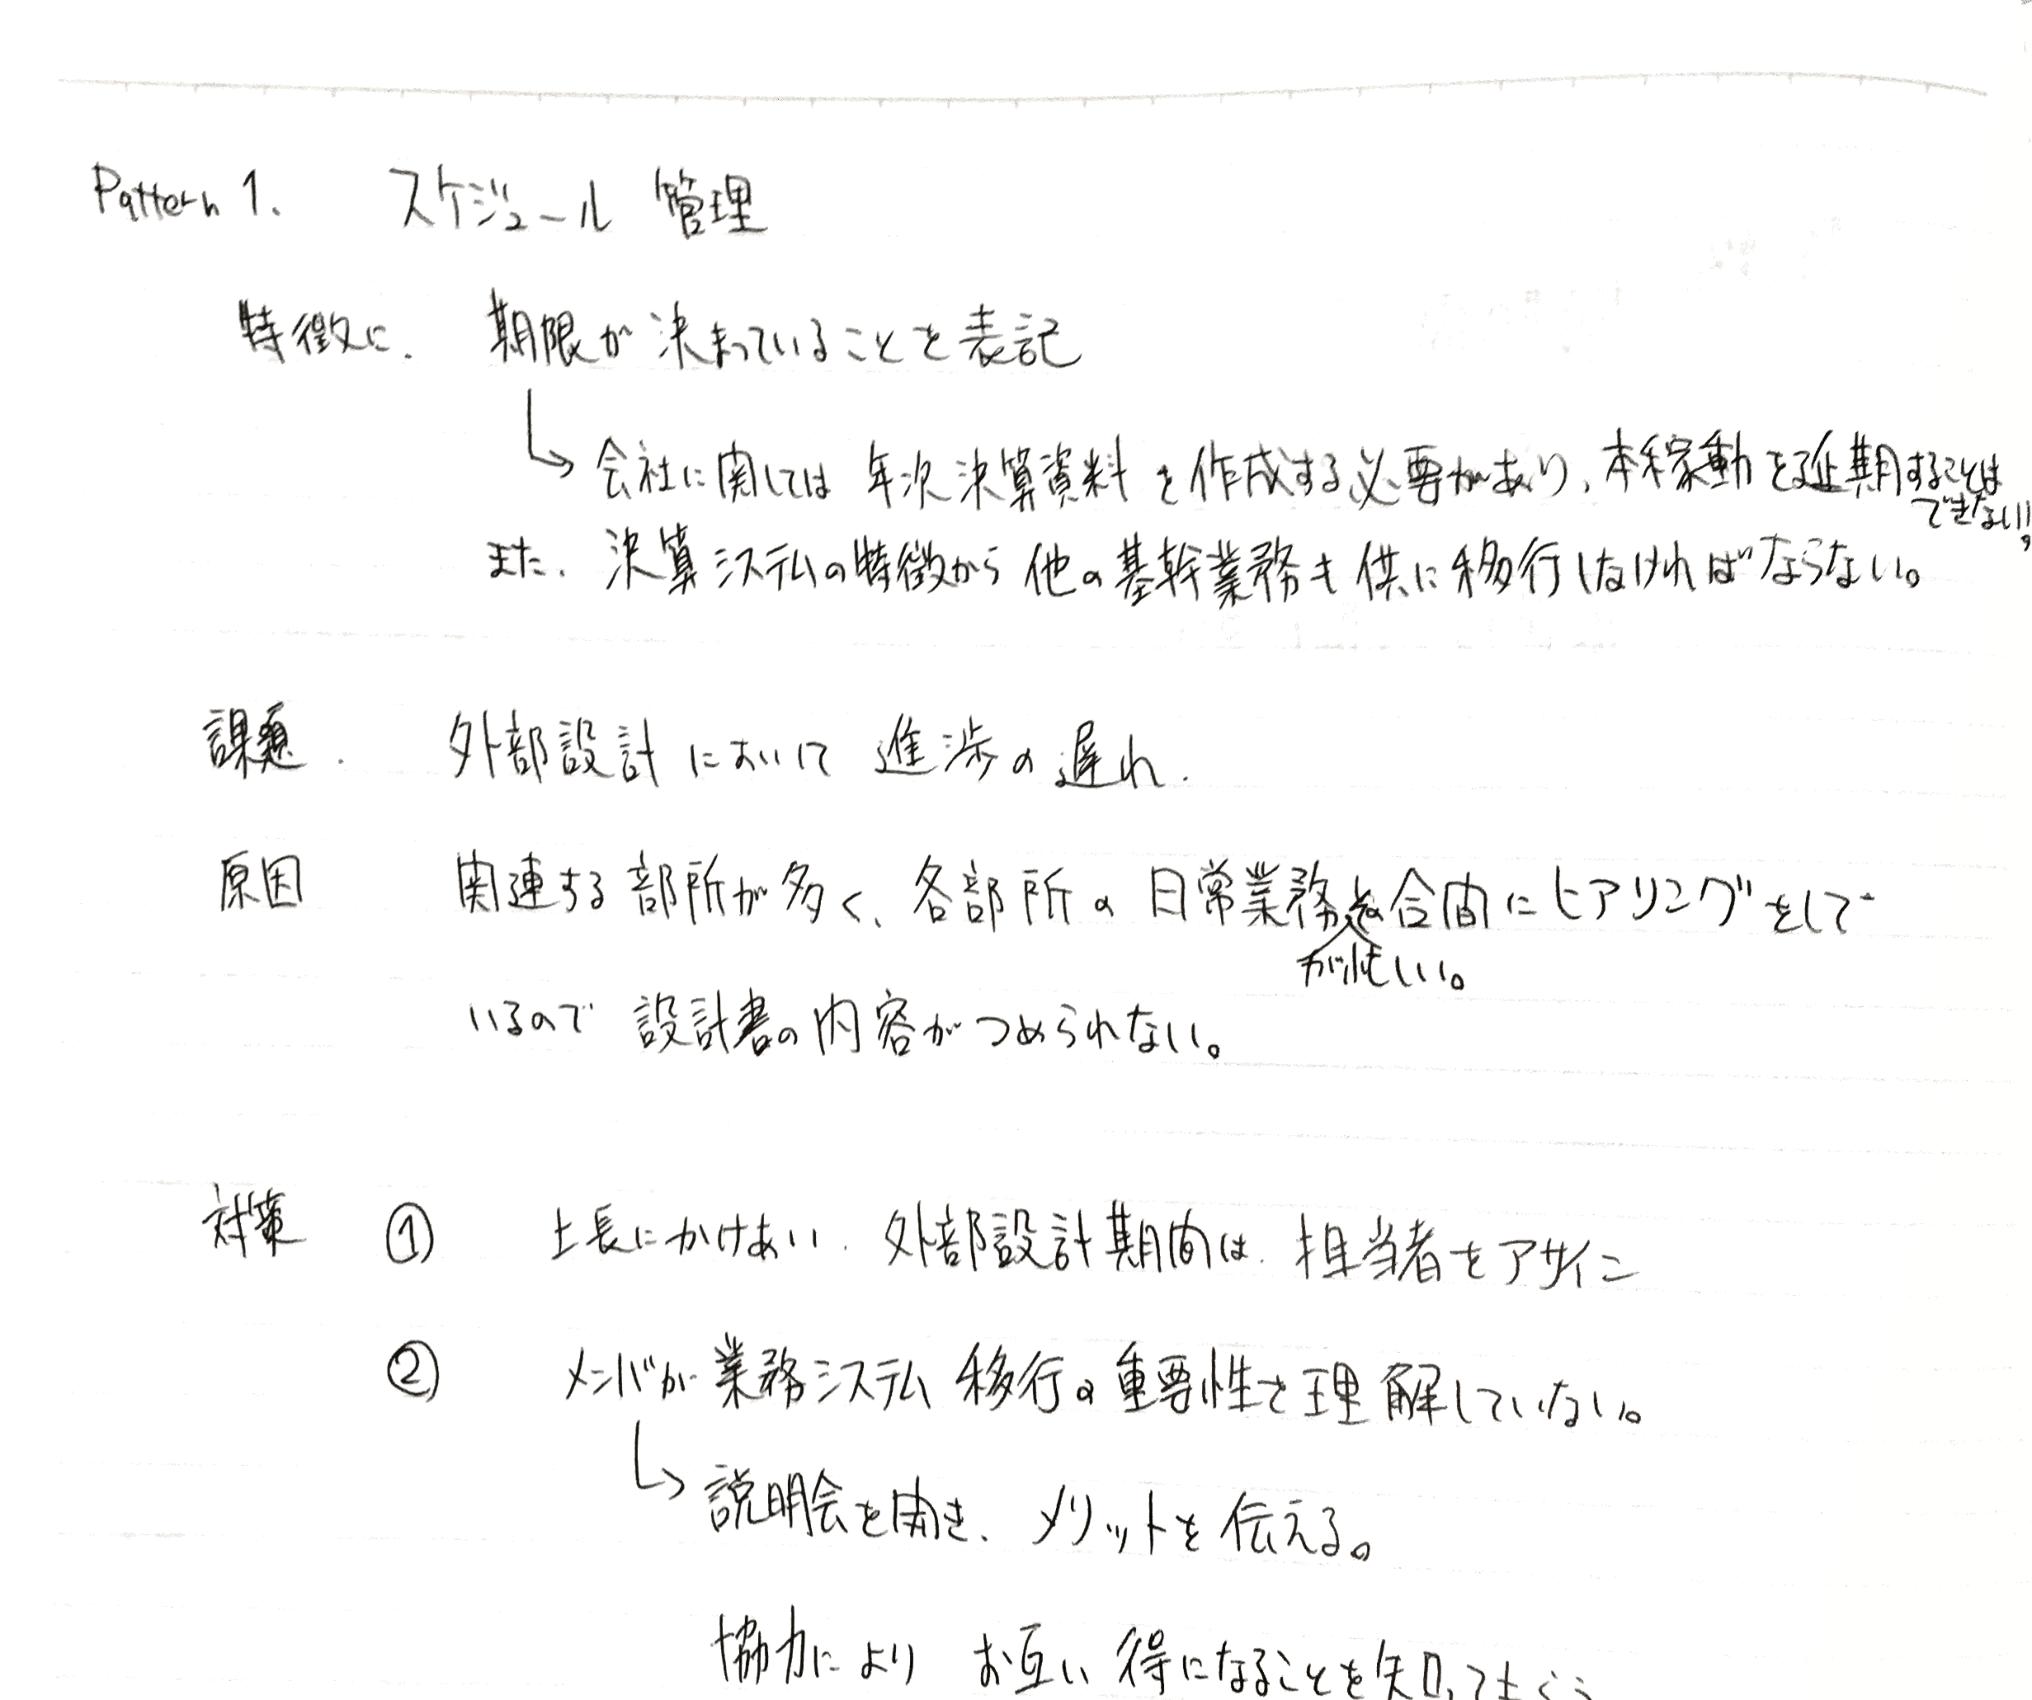 プロジェクトマネージャ試験_小論文-2.png